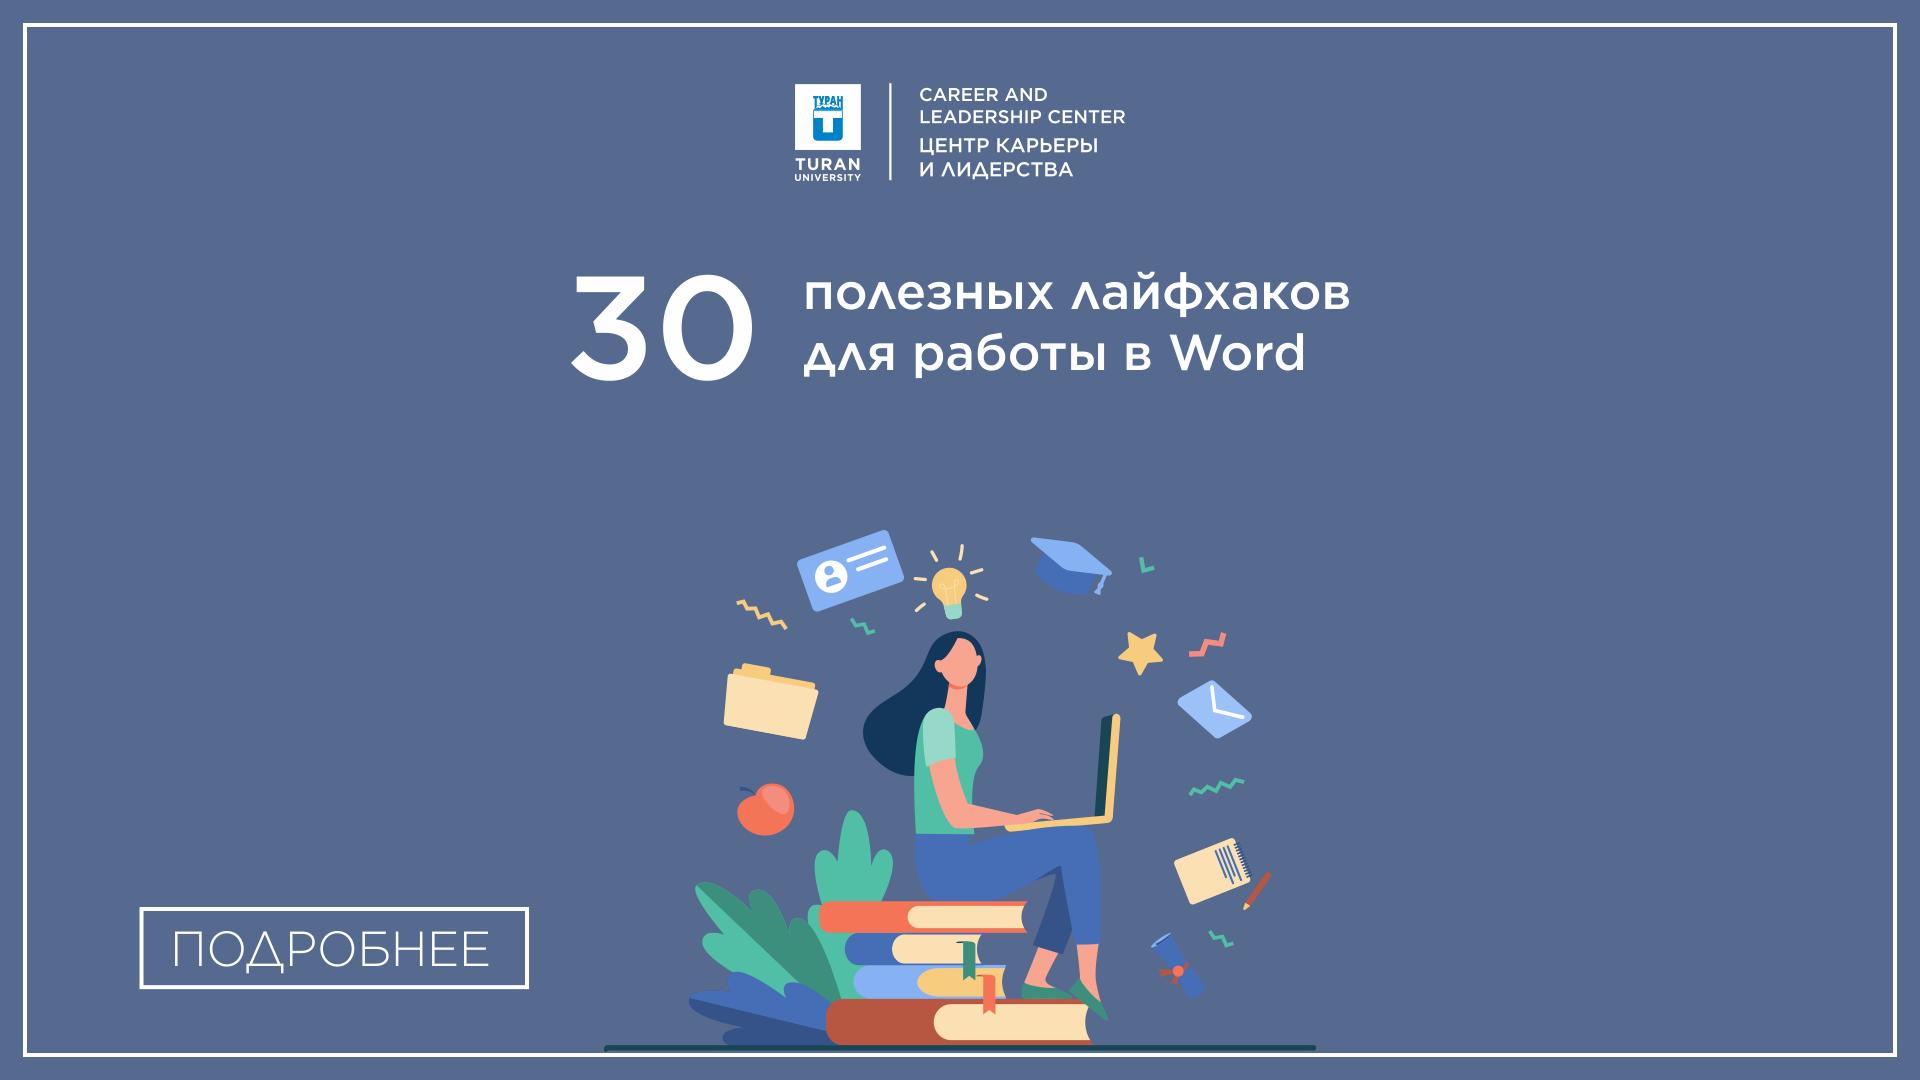 30 полезных лайфхаков для работы в Word